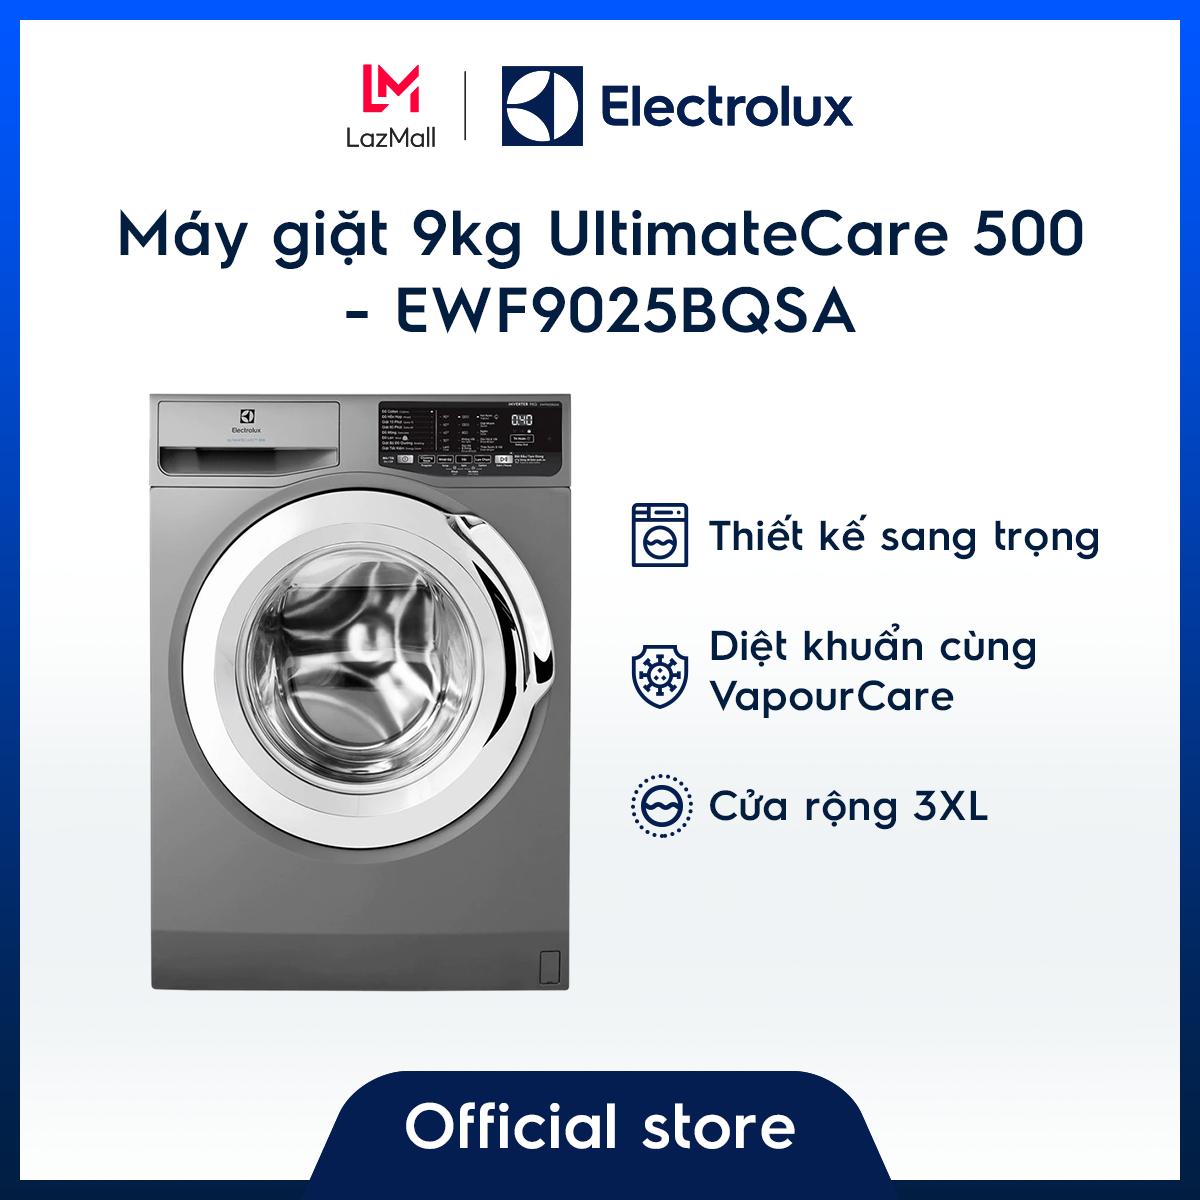 [Miễn phí công lắp đặt chính hãng] Máy giặt 9kg Electrolux EWF9025BQSA -Màu bạc- Diệt khuẩn- Tiết kiệm năng lượng-Chính hãng